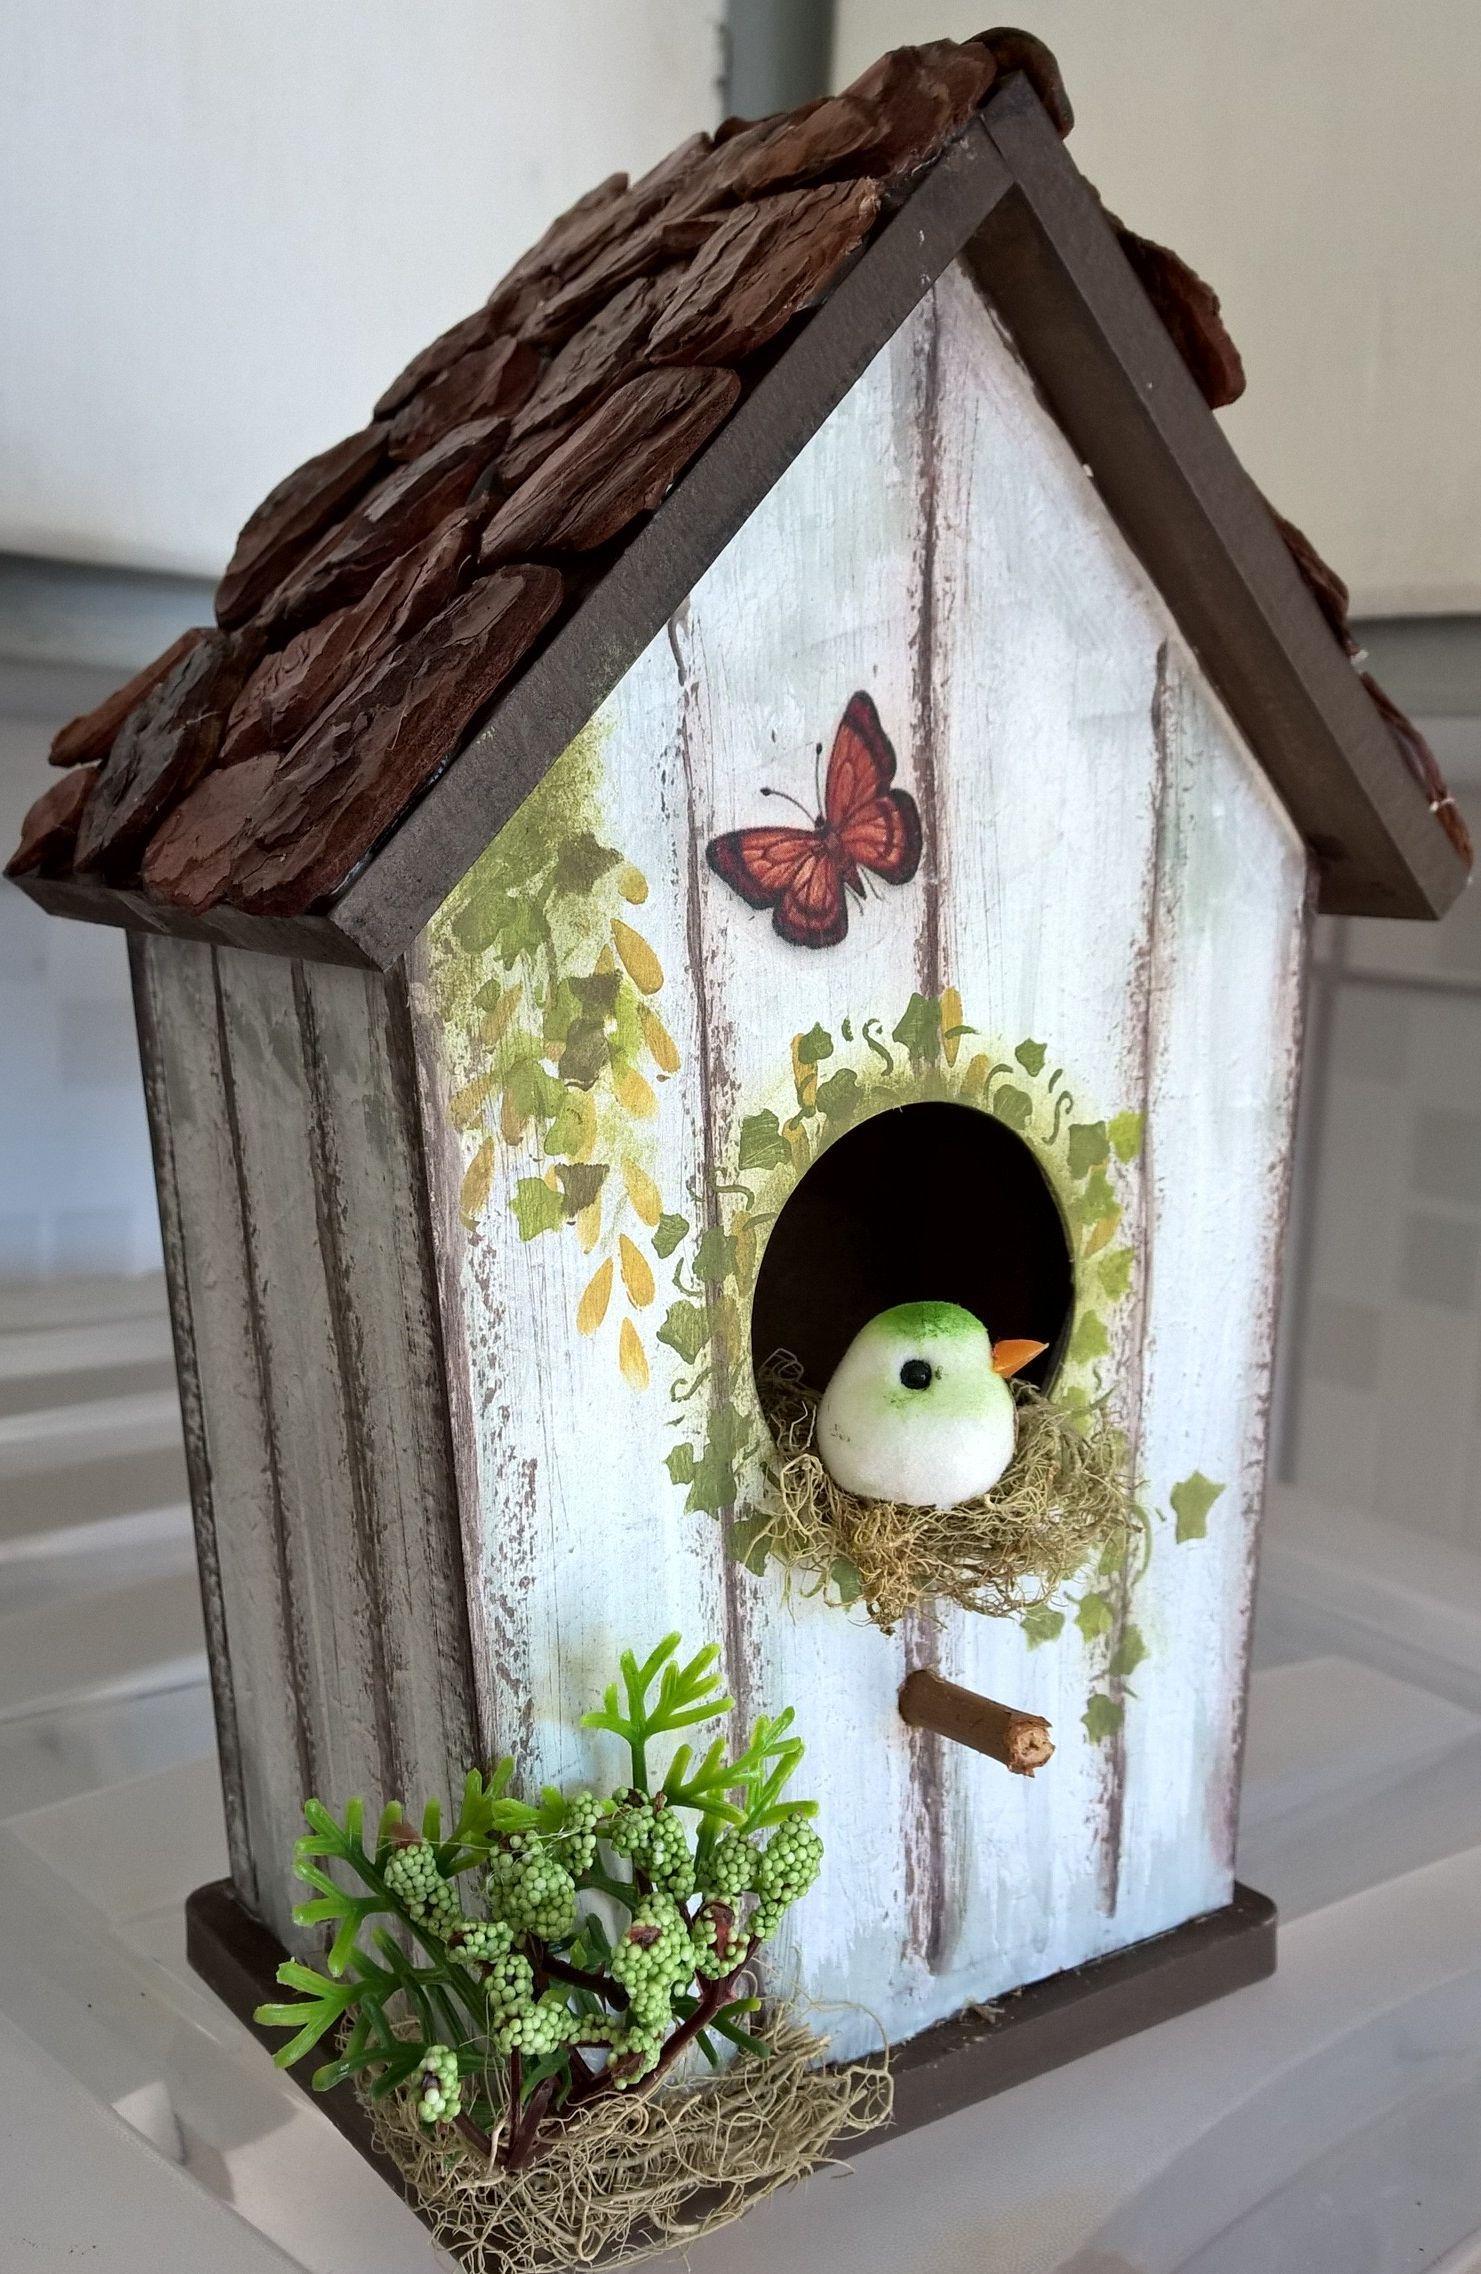 Birdhouses Birdhouses Birdhouses In 2020 Bird Houses Painted Bird Houses Ideas Diy Decorative Bird Houses